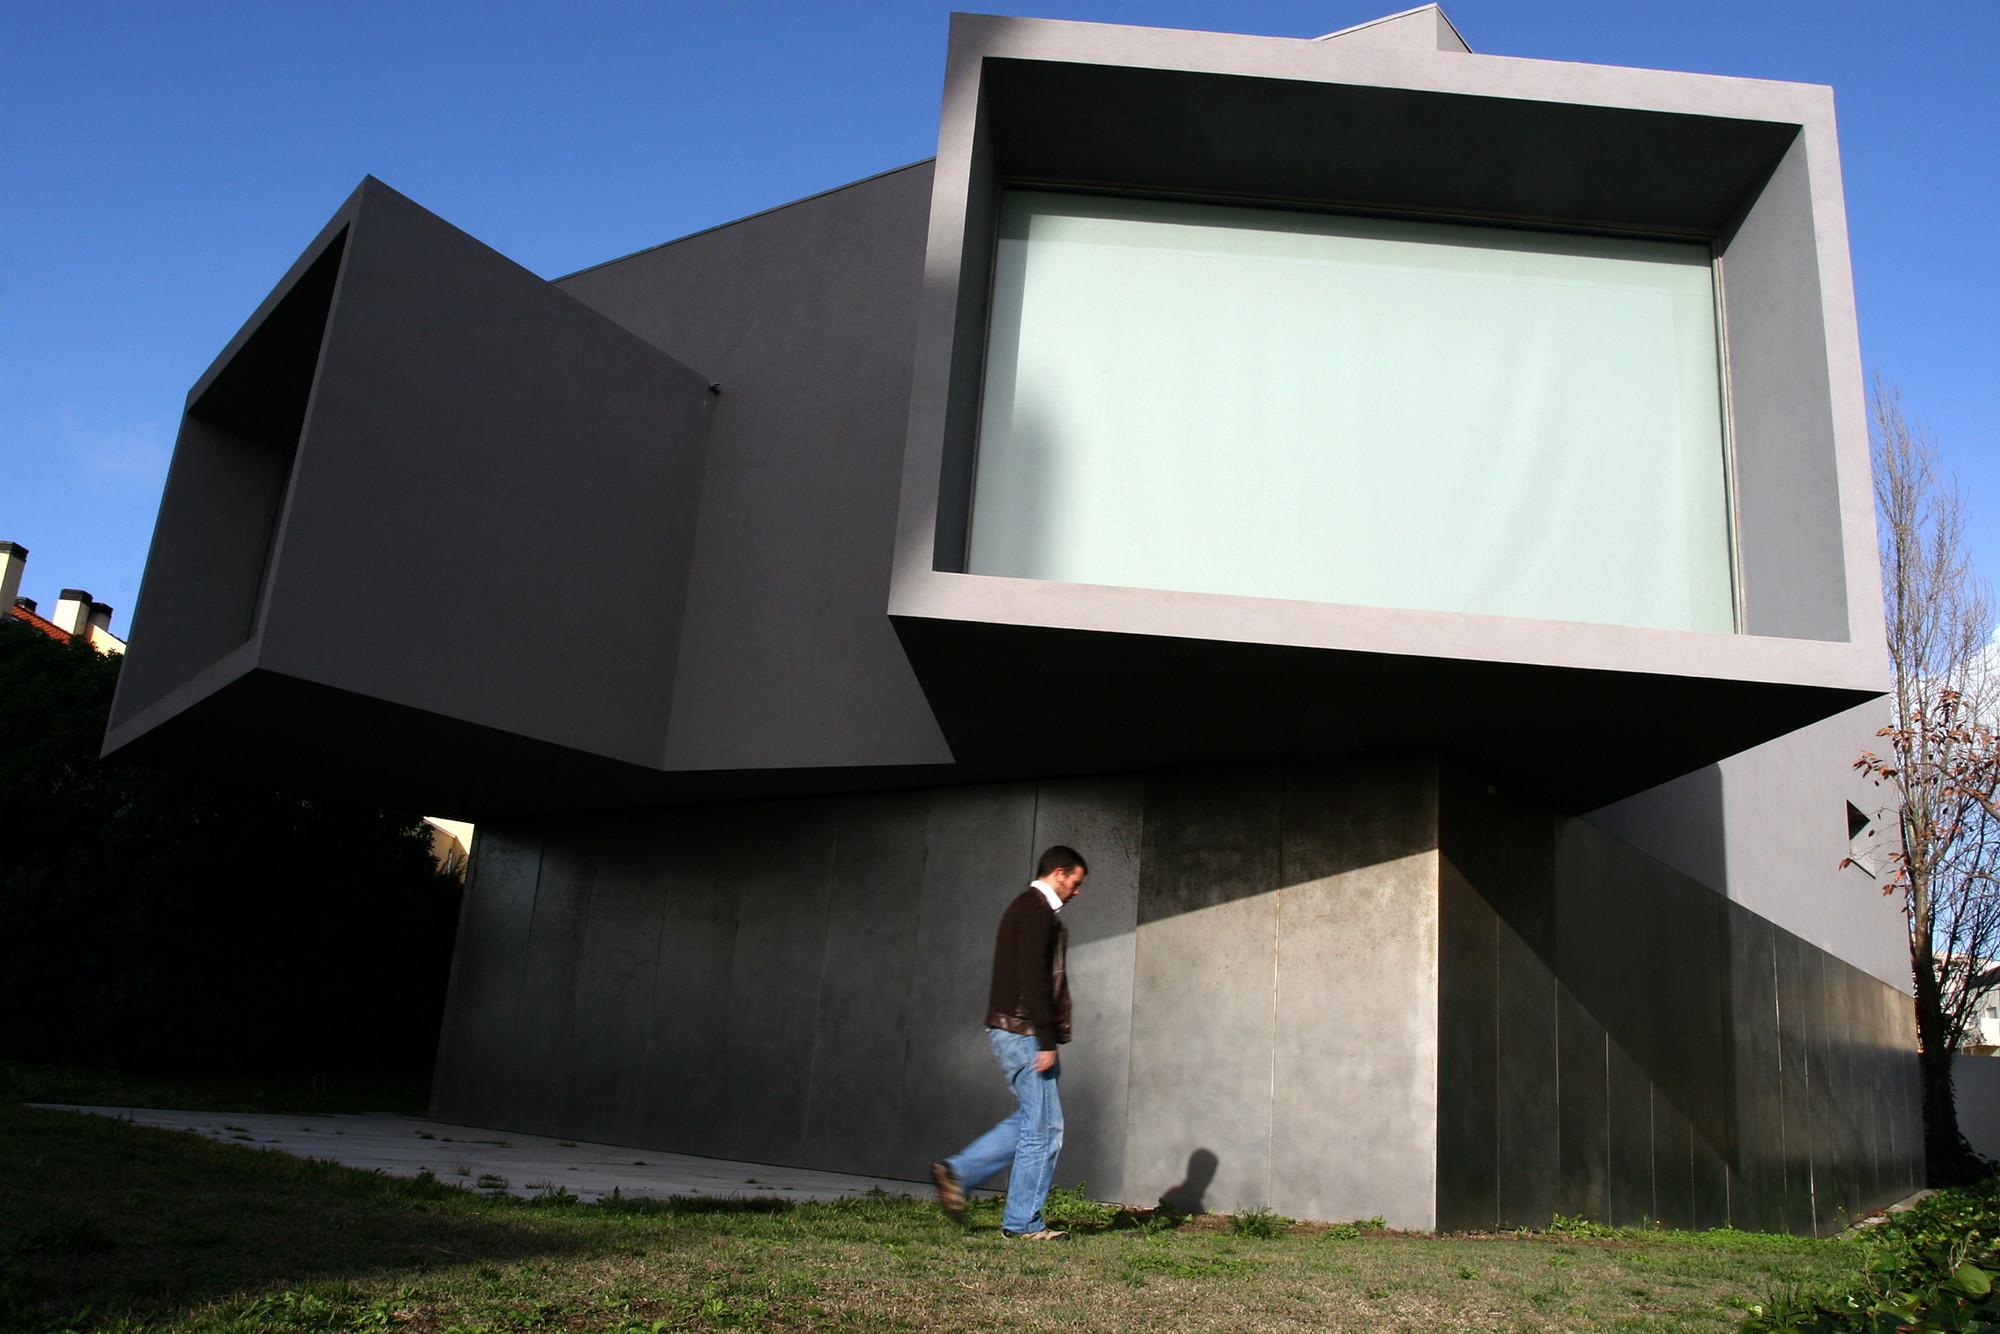 Câmara do Porto põe à venda a Casa Manoel de Oliveira, projetada por Souto de Moura, © José Carlos Coelho